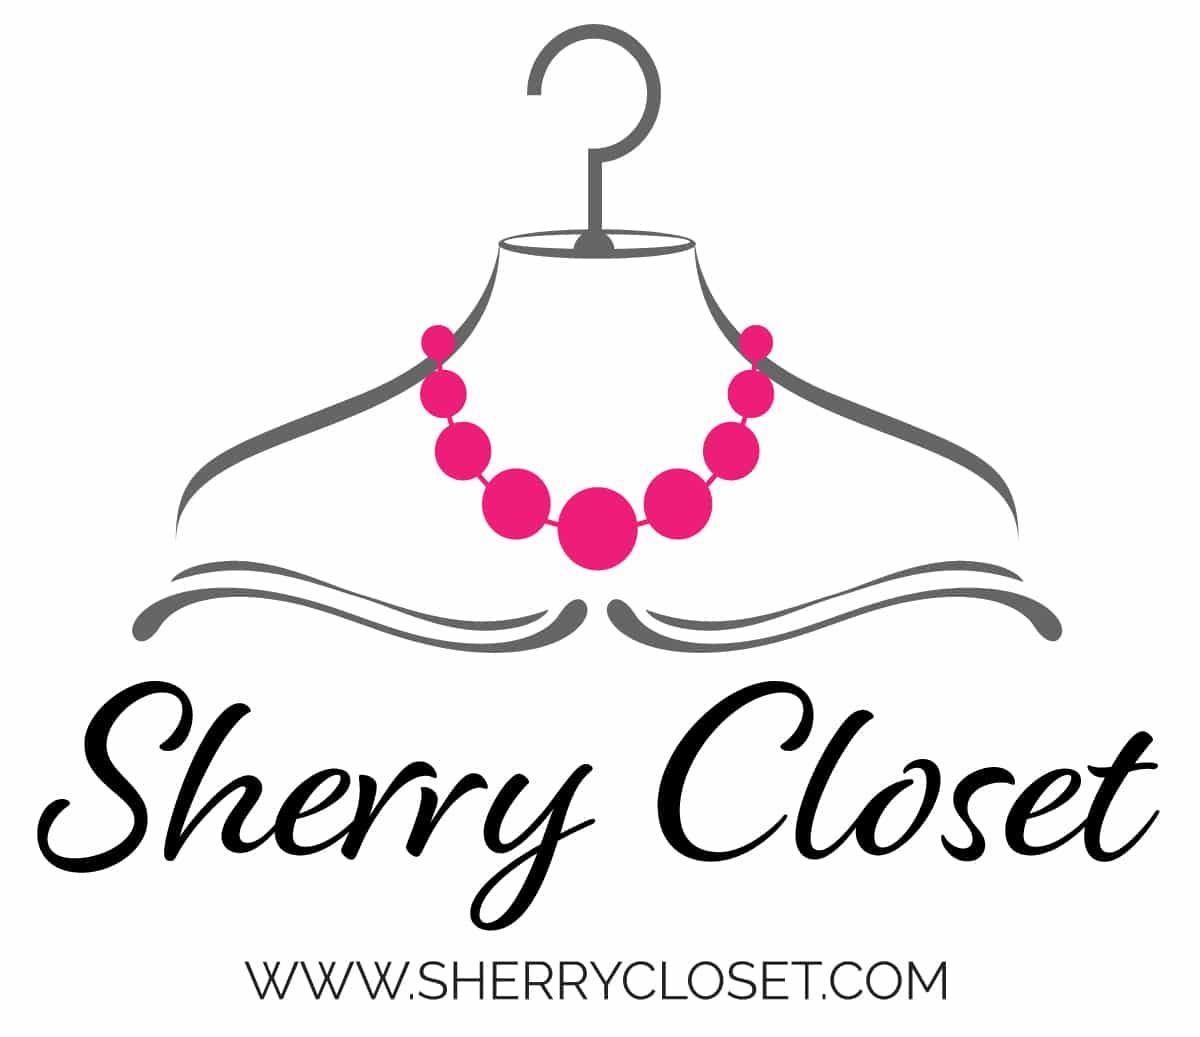 sherry closet